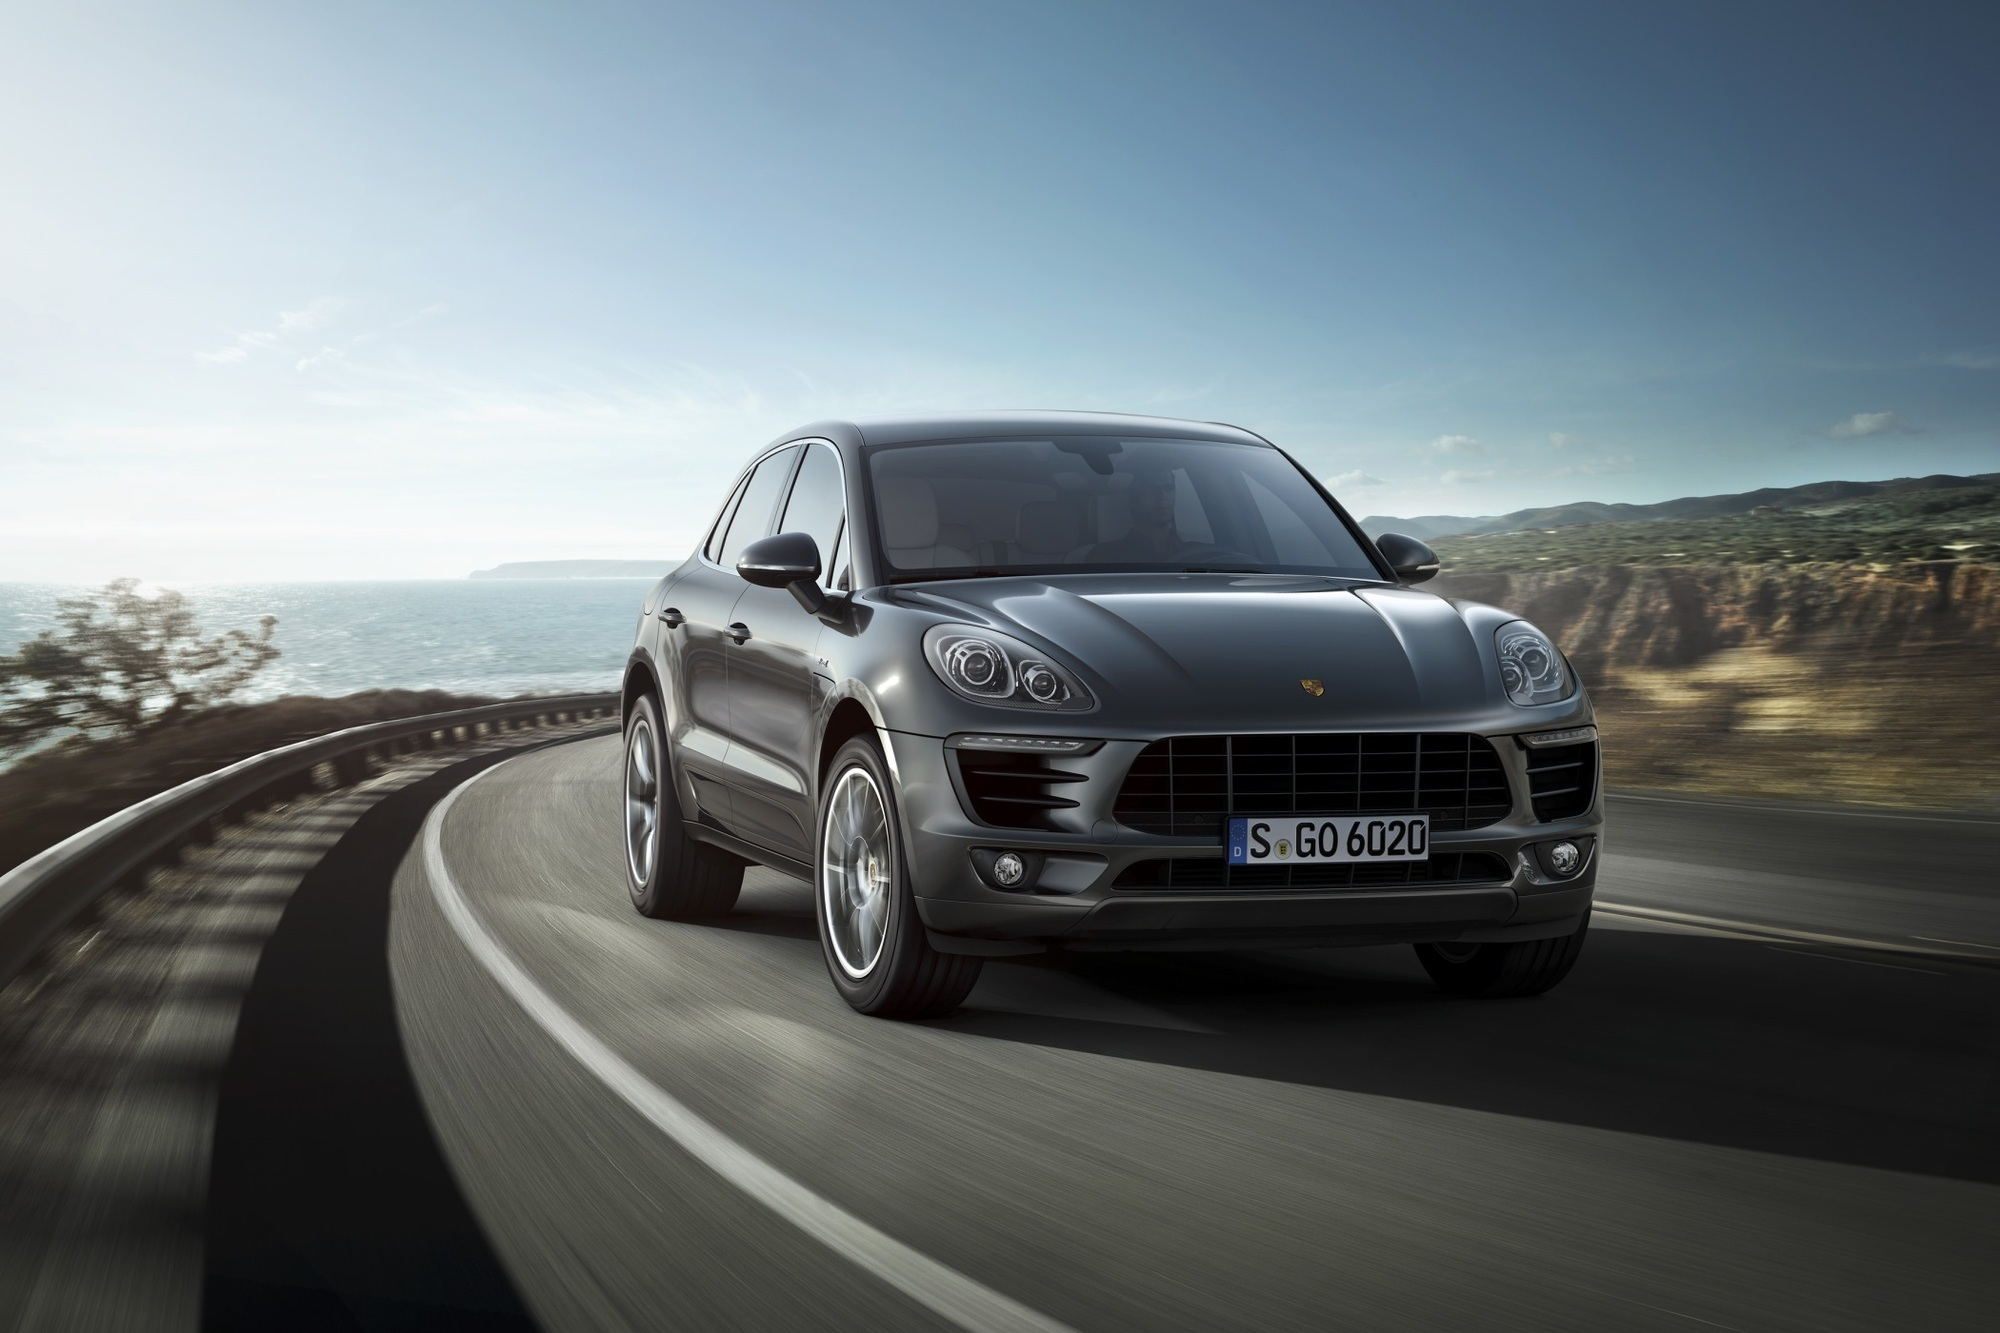 Test: Porsche Macan S Diesel - Der Vernunft-Sportwagen